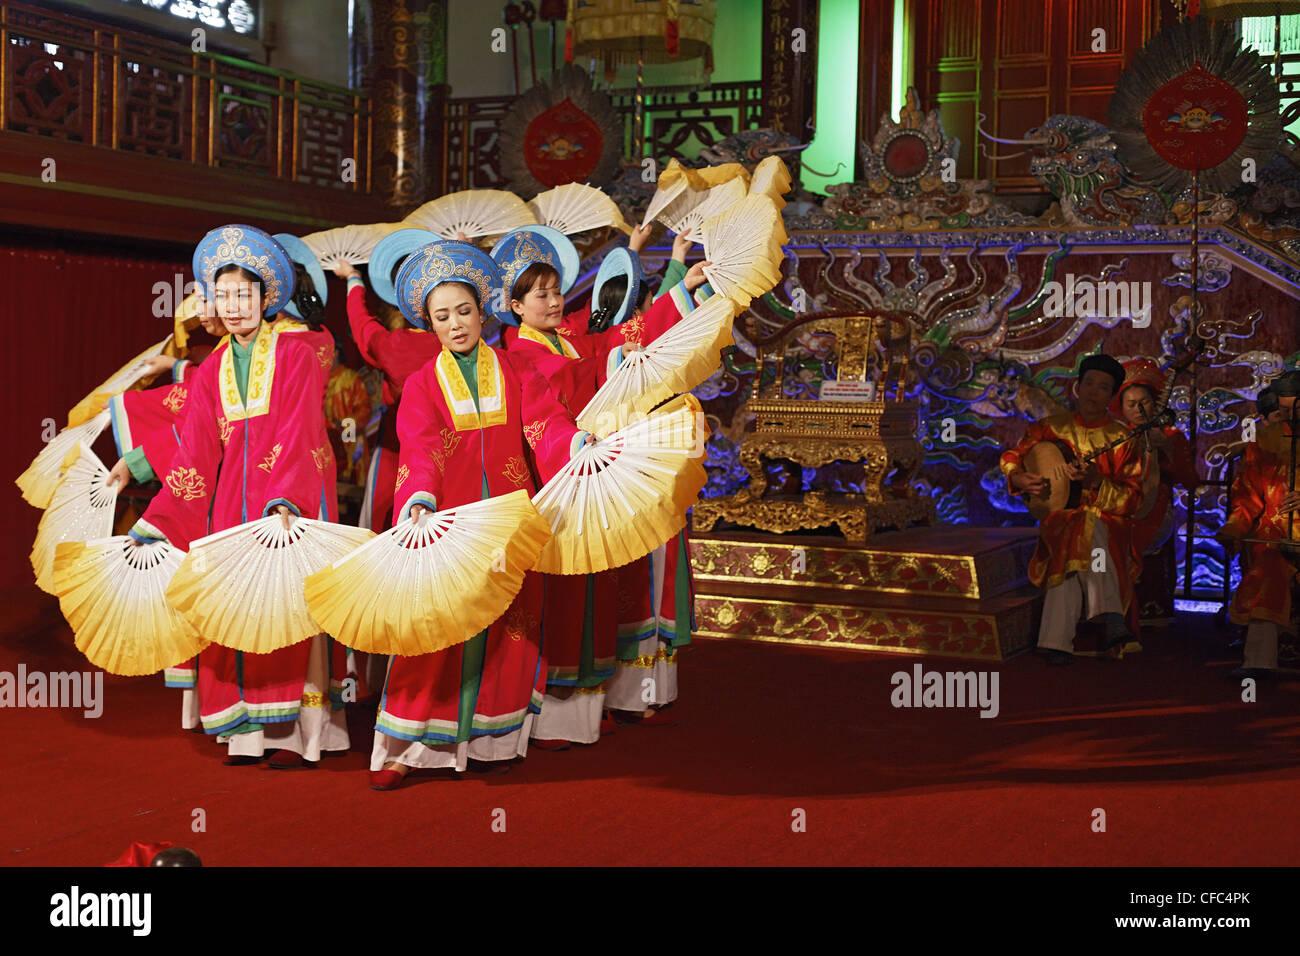 Théâtre, théâtre Impérial, citadelle, ville impériale, Hue, Trung Bo, Vietnam Banque D'Images